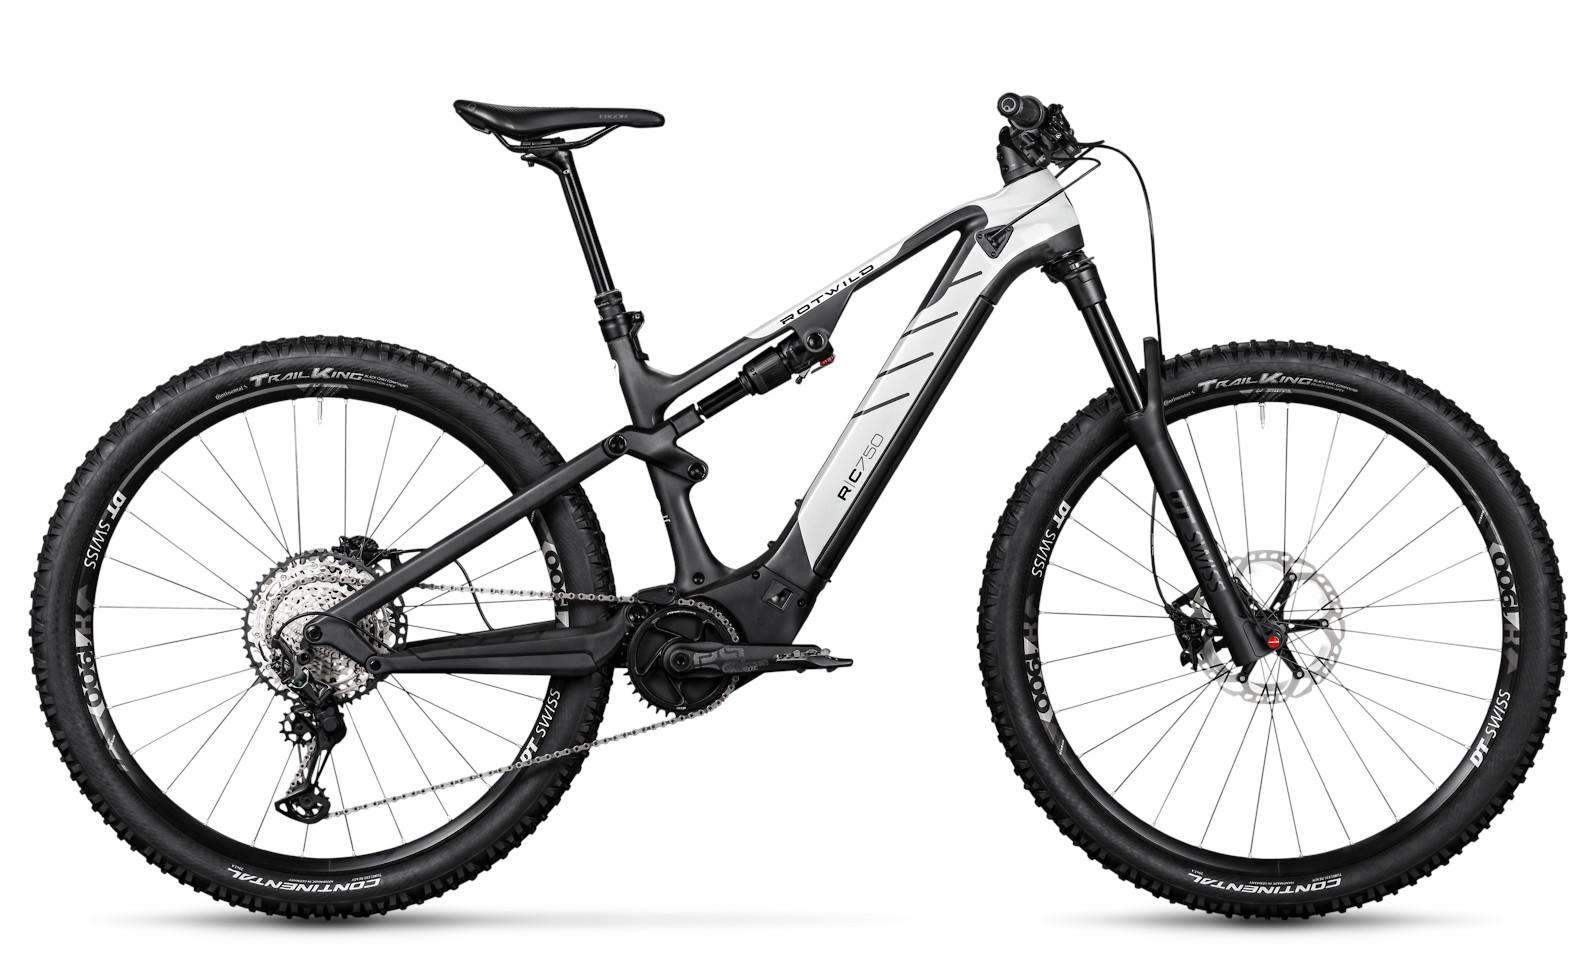 2020 Rotwild R.C750 Pro